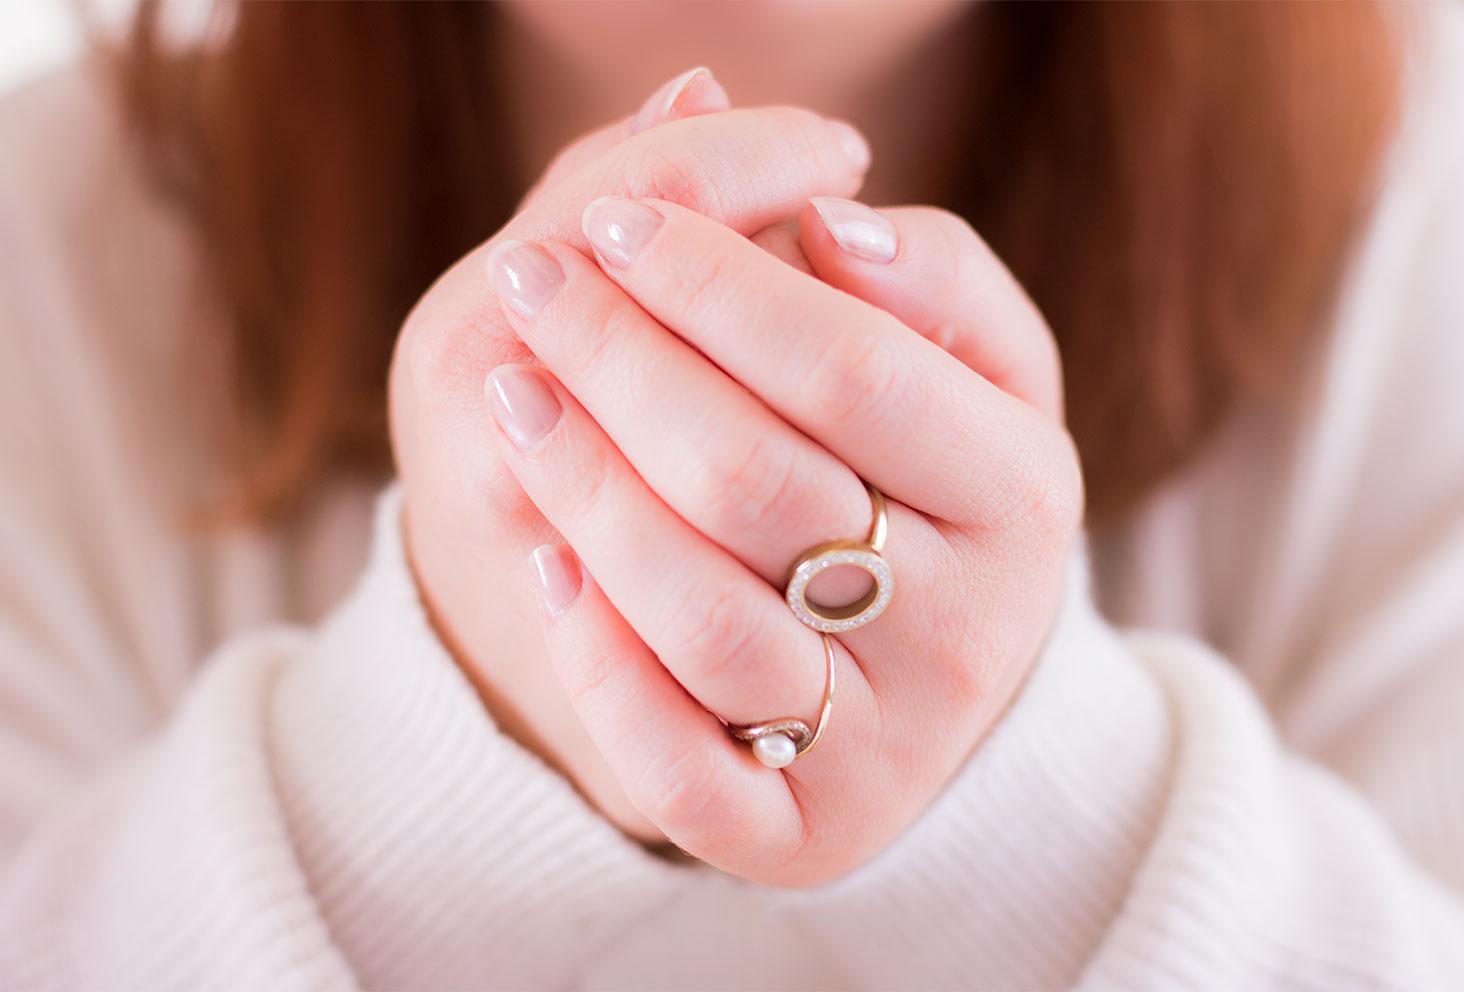 Résultat du vernis rose pâle SO'BiO étic sur les ongles une fois sec